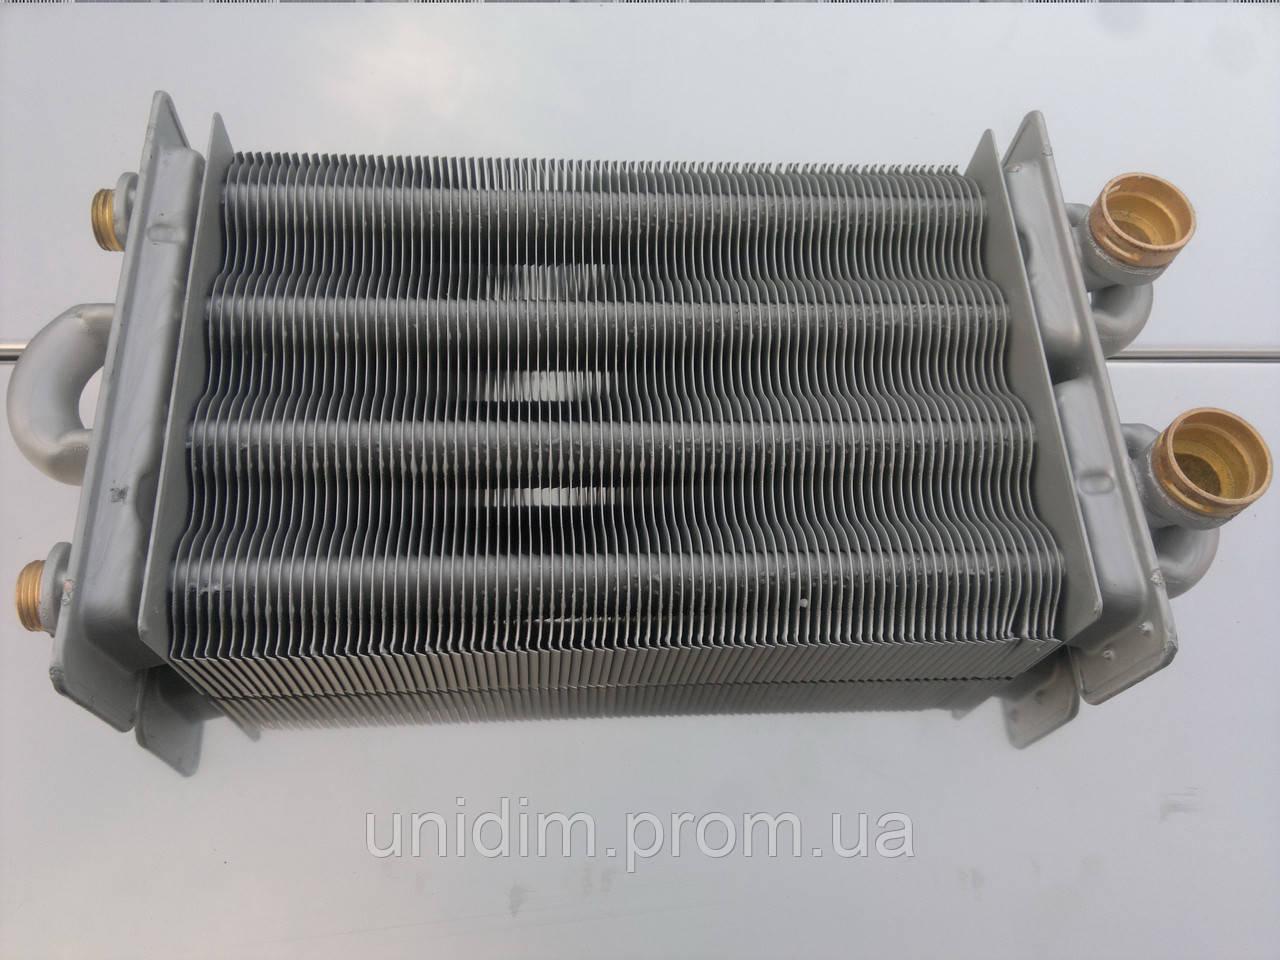 10021419 теплообменник Пластинчатый теплообменник Tranter GX-085 N Новосибирск